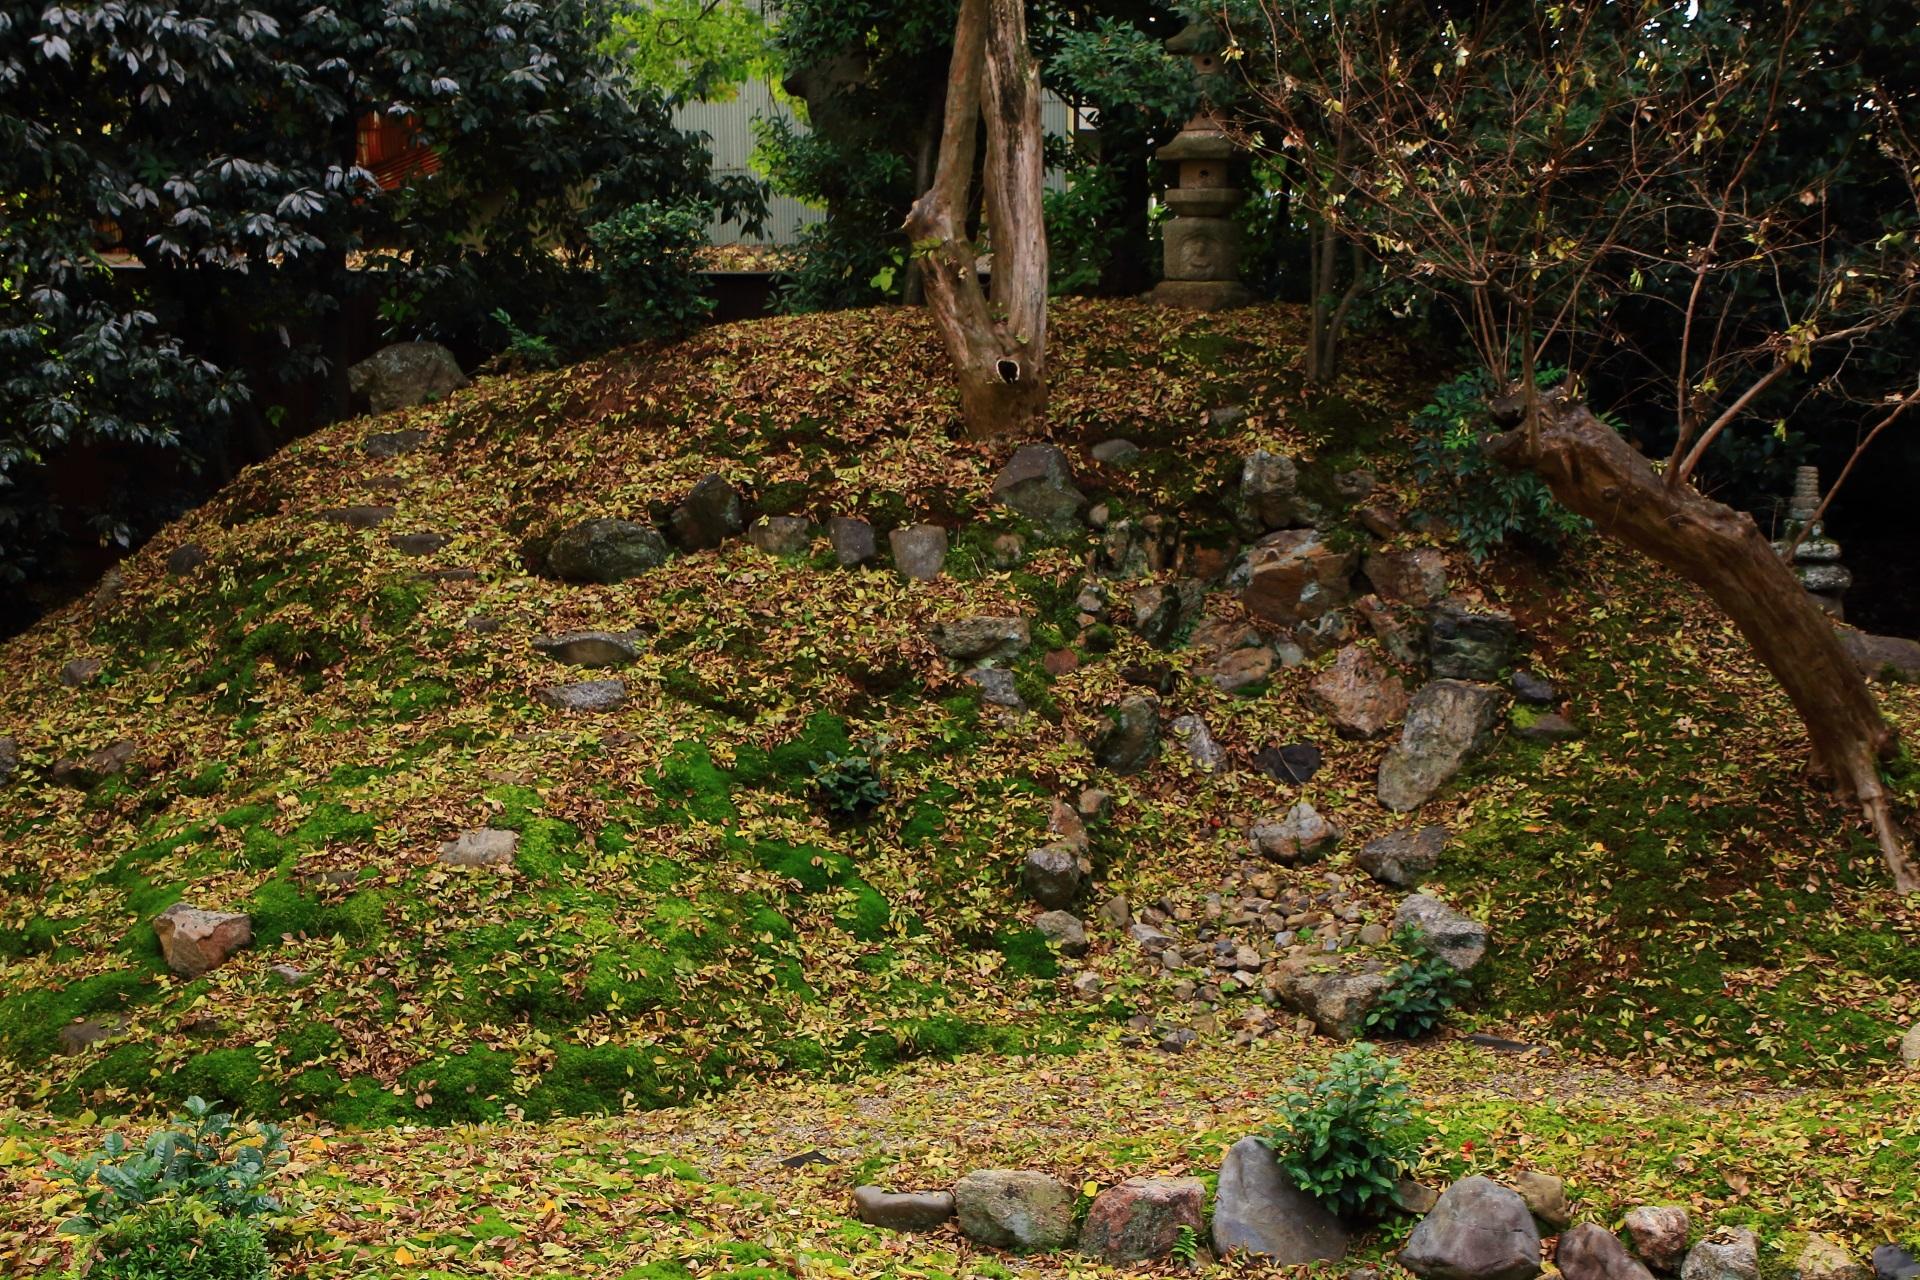 立本寺の趣きある秋色につつまれた築山と蟷螂